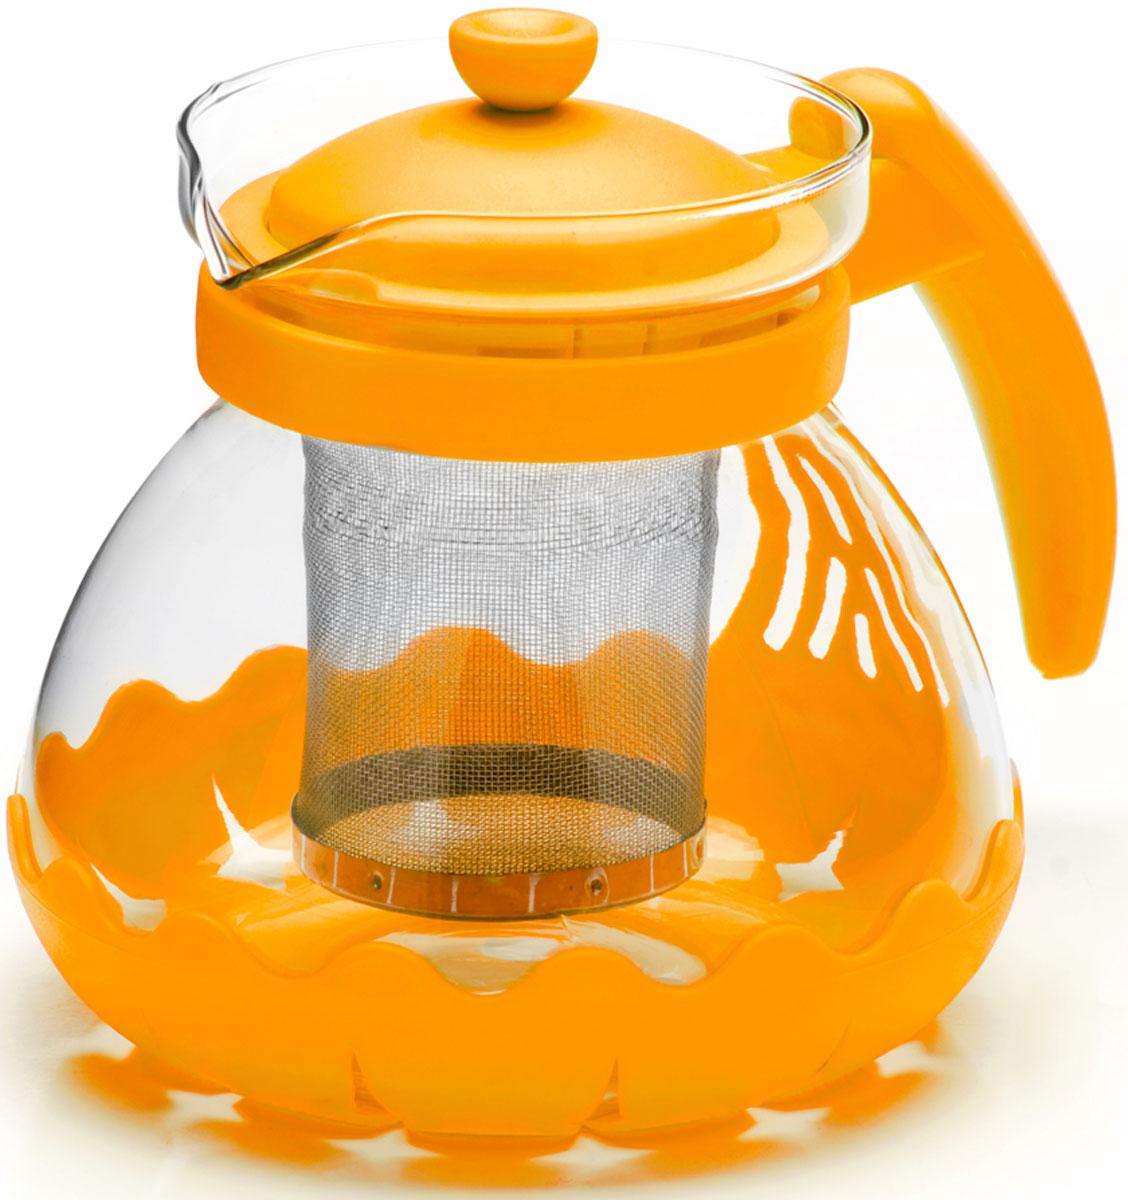 Чайник заварочный Mayer & Boch, с фильтром, цвет: желтый, 700 мл. 26173-2391602Заварочный чайник Mayer & Boch изготовлен из термостойкого боросиликатного стекла, фильтр выполнен из нержавеющей стали. Изделия из стекла не впитывают запахи, благодаря чему вы всегда получите натуральный, насыщенный вкус и аромат напитков. Заварочный чайник из стекла удобно использовать для повседневного заваривания чая практически любого сорта. Но цветочные, фруктовые, красные и желтые сорта чая лучше других раскрывают свой вкус и аромат при заваривании именно в стеклянных чайниках, а также сохраняют все полезные ферменты и витамины, содержащиеся в чайных листах. Стальной фильтр гарантирует прозрачность и чистоту напитка от чайных листьев, при этом сохранив букет и насыщенность чая.Прозрачные стенки чайника дают возможность насладиться насыщенным цветом заваренного чая. Изящный заварочный чайник Mayer & Boch будет прекрасно смотреться в любом интерьере. Подходит для мытья в посудомоечной машине.